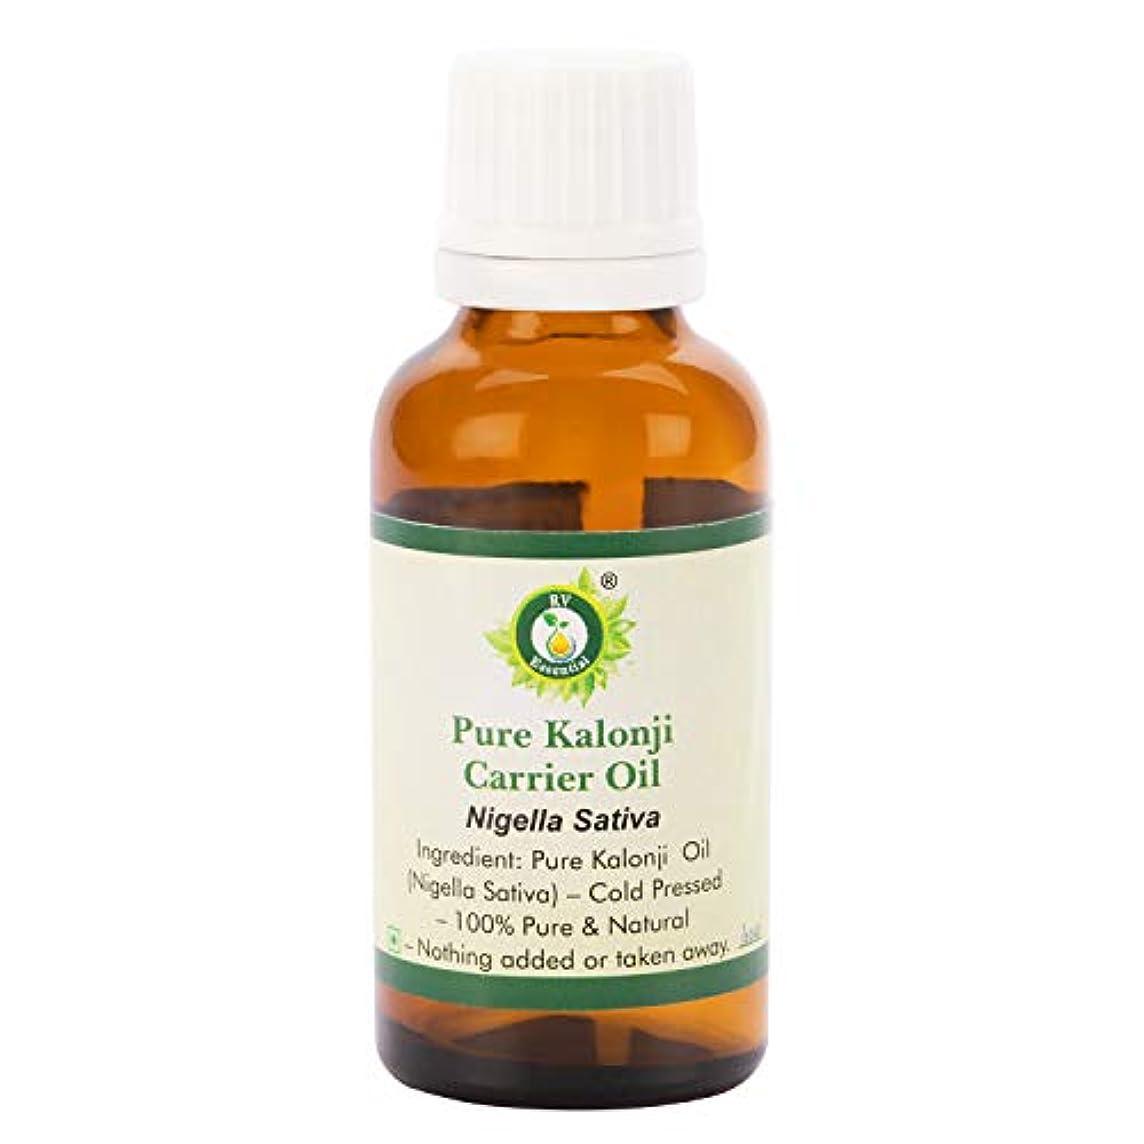 ビジネス征服非常にピュアKalonjiキャリアオイル300ml (10oz)- Nigella Sativa (100%ピュア&ナチュラルコールドPressed) Pure Kalonji Carrier Oil